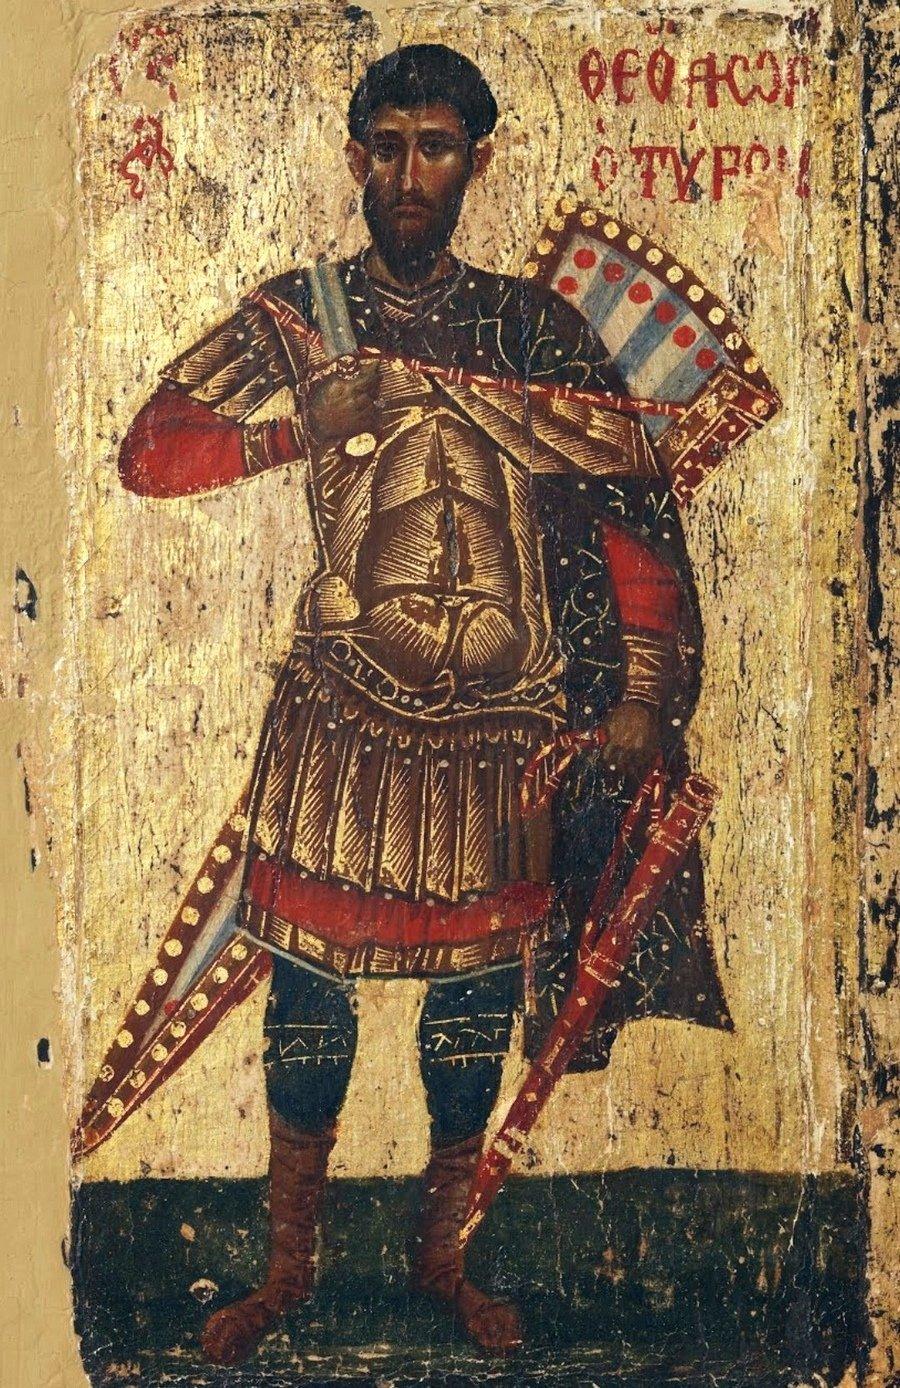 Святой Великомученик Феодор Тирон. Икона. Византия, около 1200 года. Монастырь Святого Иоанна Богослова на острове Патмос, Греция.